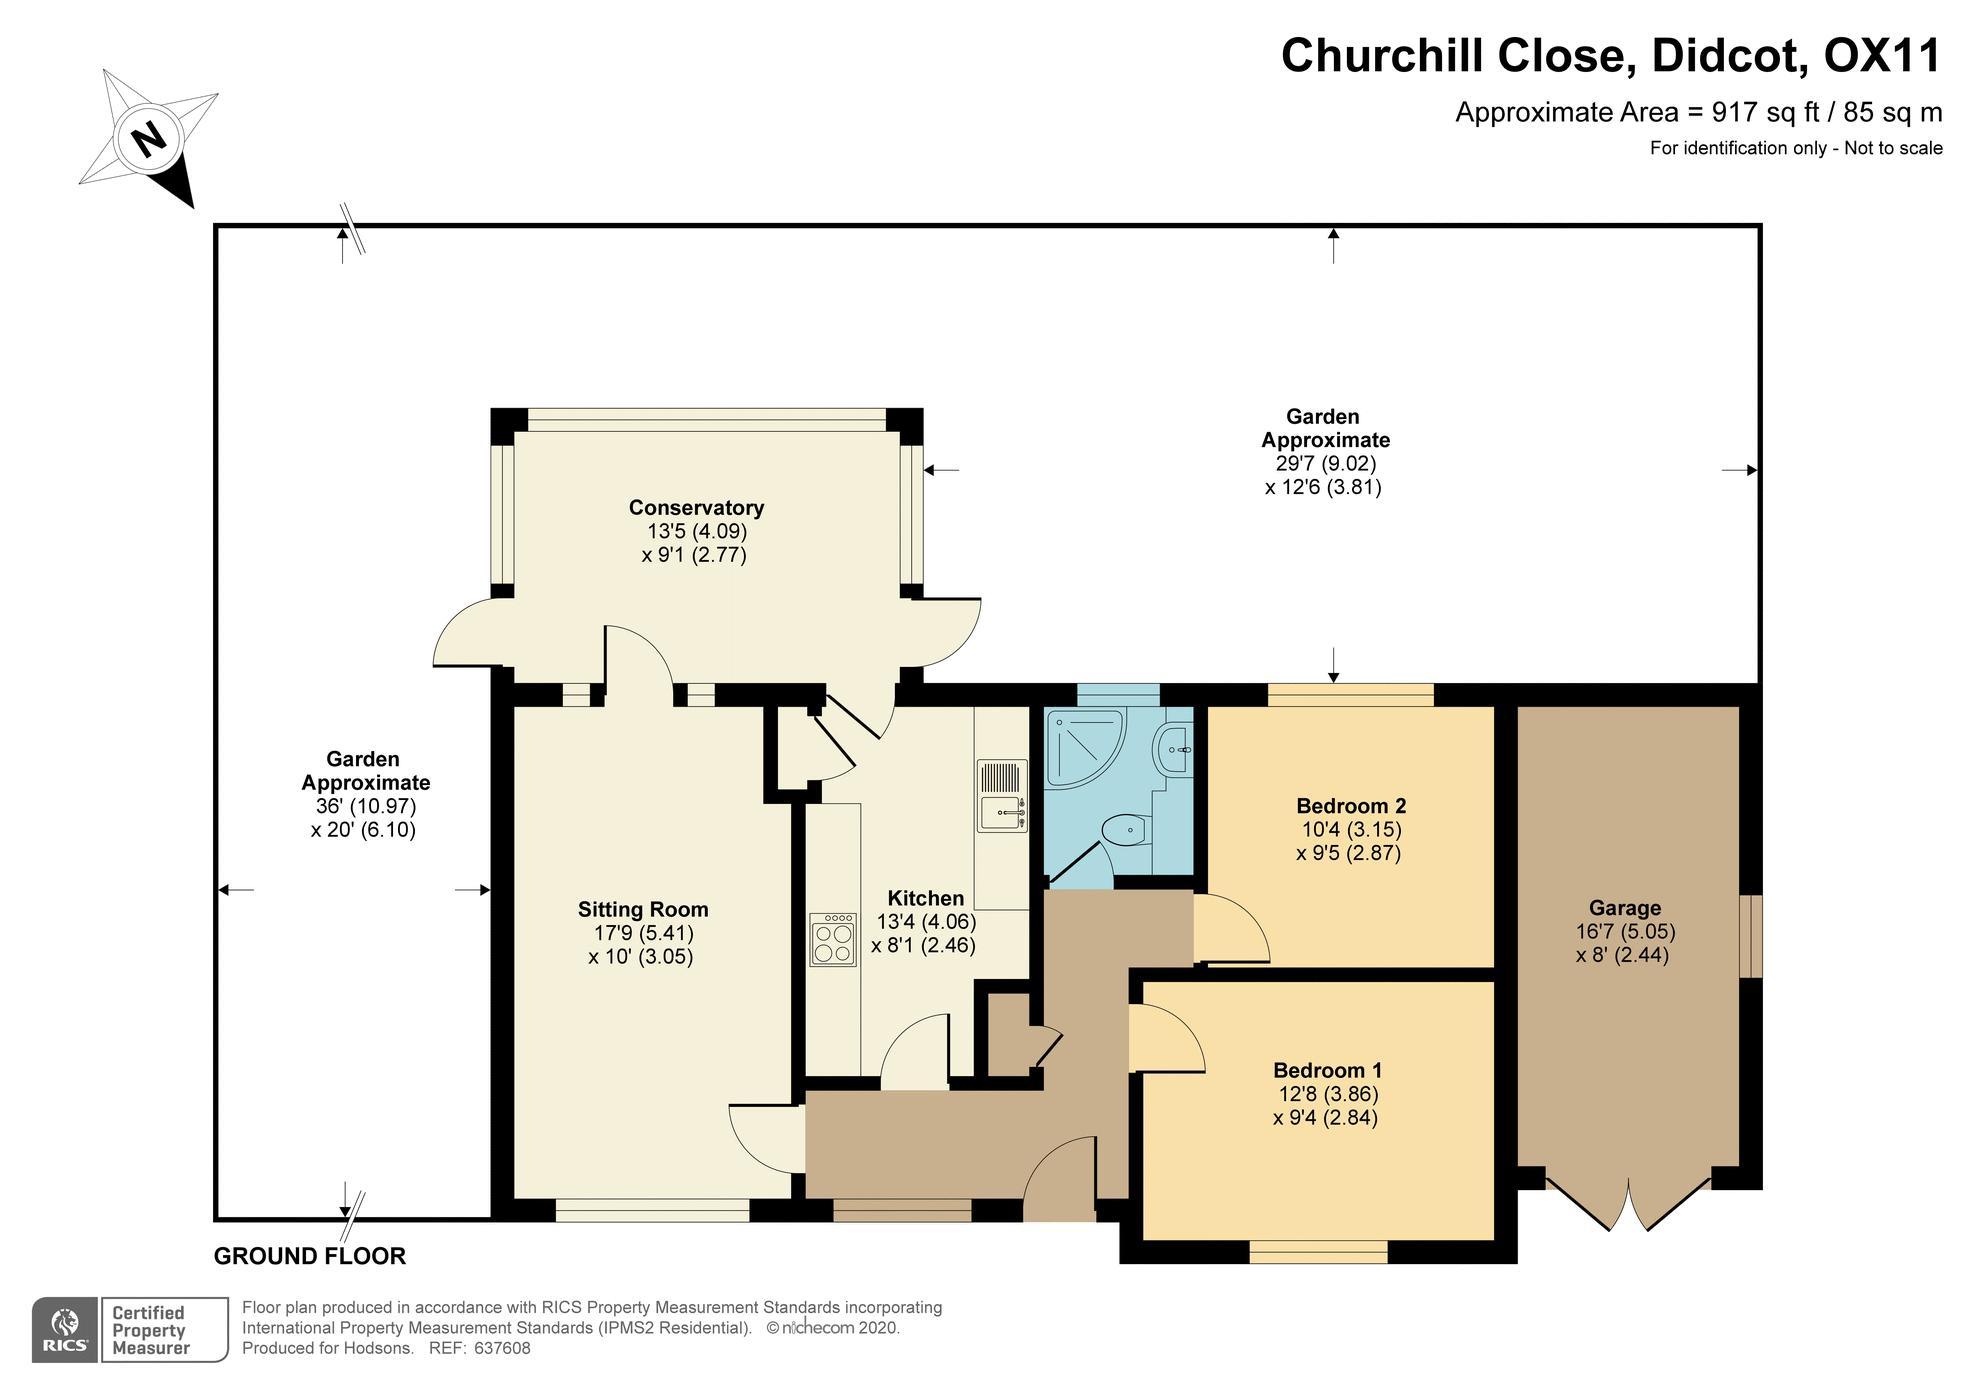 Churchill Close